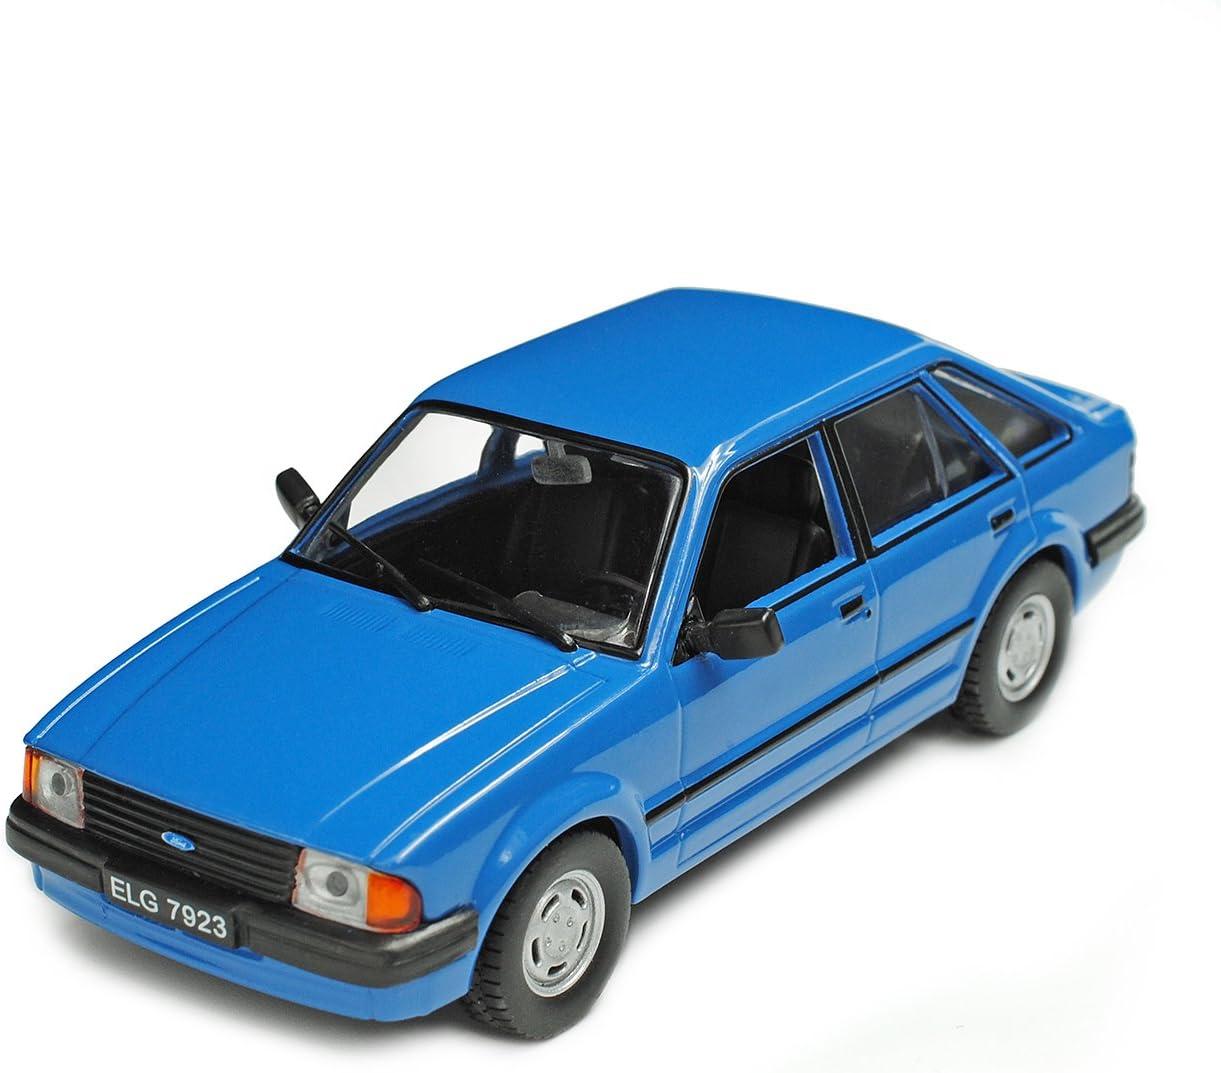 Alles Meine De Gmbh Ford Escort Mk Iii 5 Türer Blau 1980 1985 1 43 Modellcarsonline Modell Auto Spielzeug